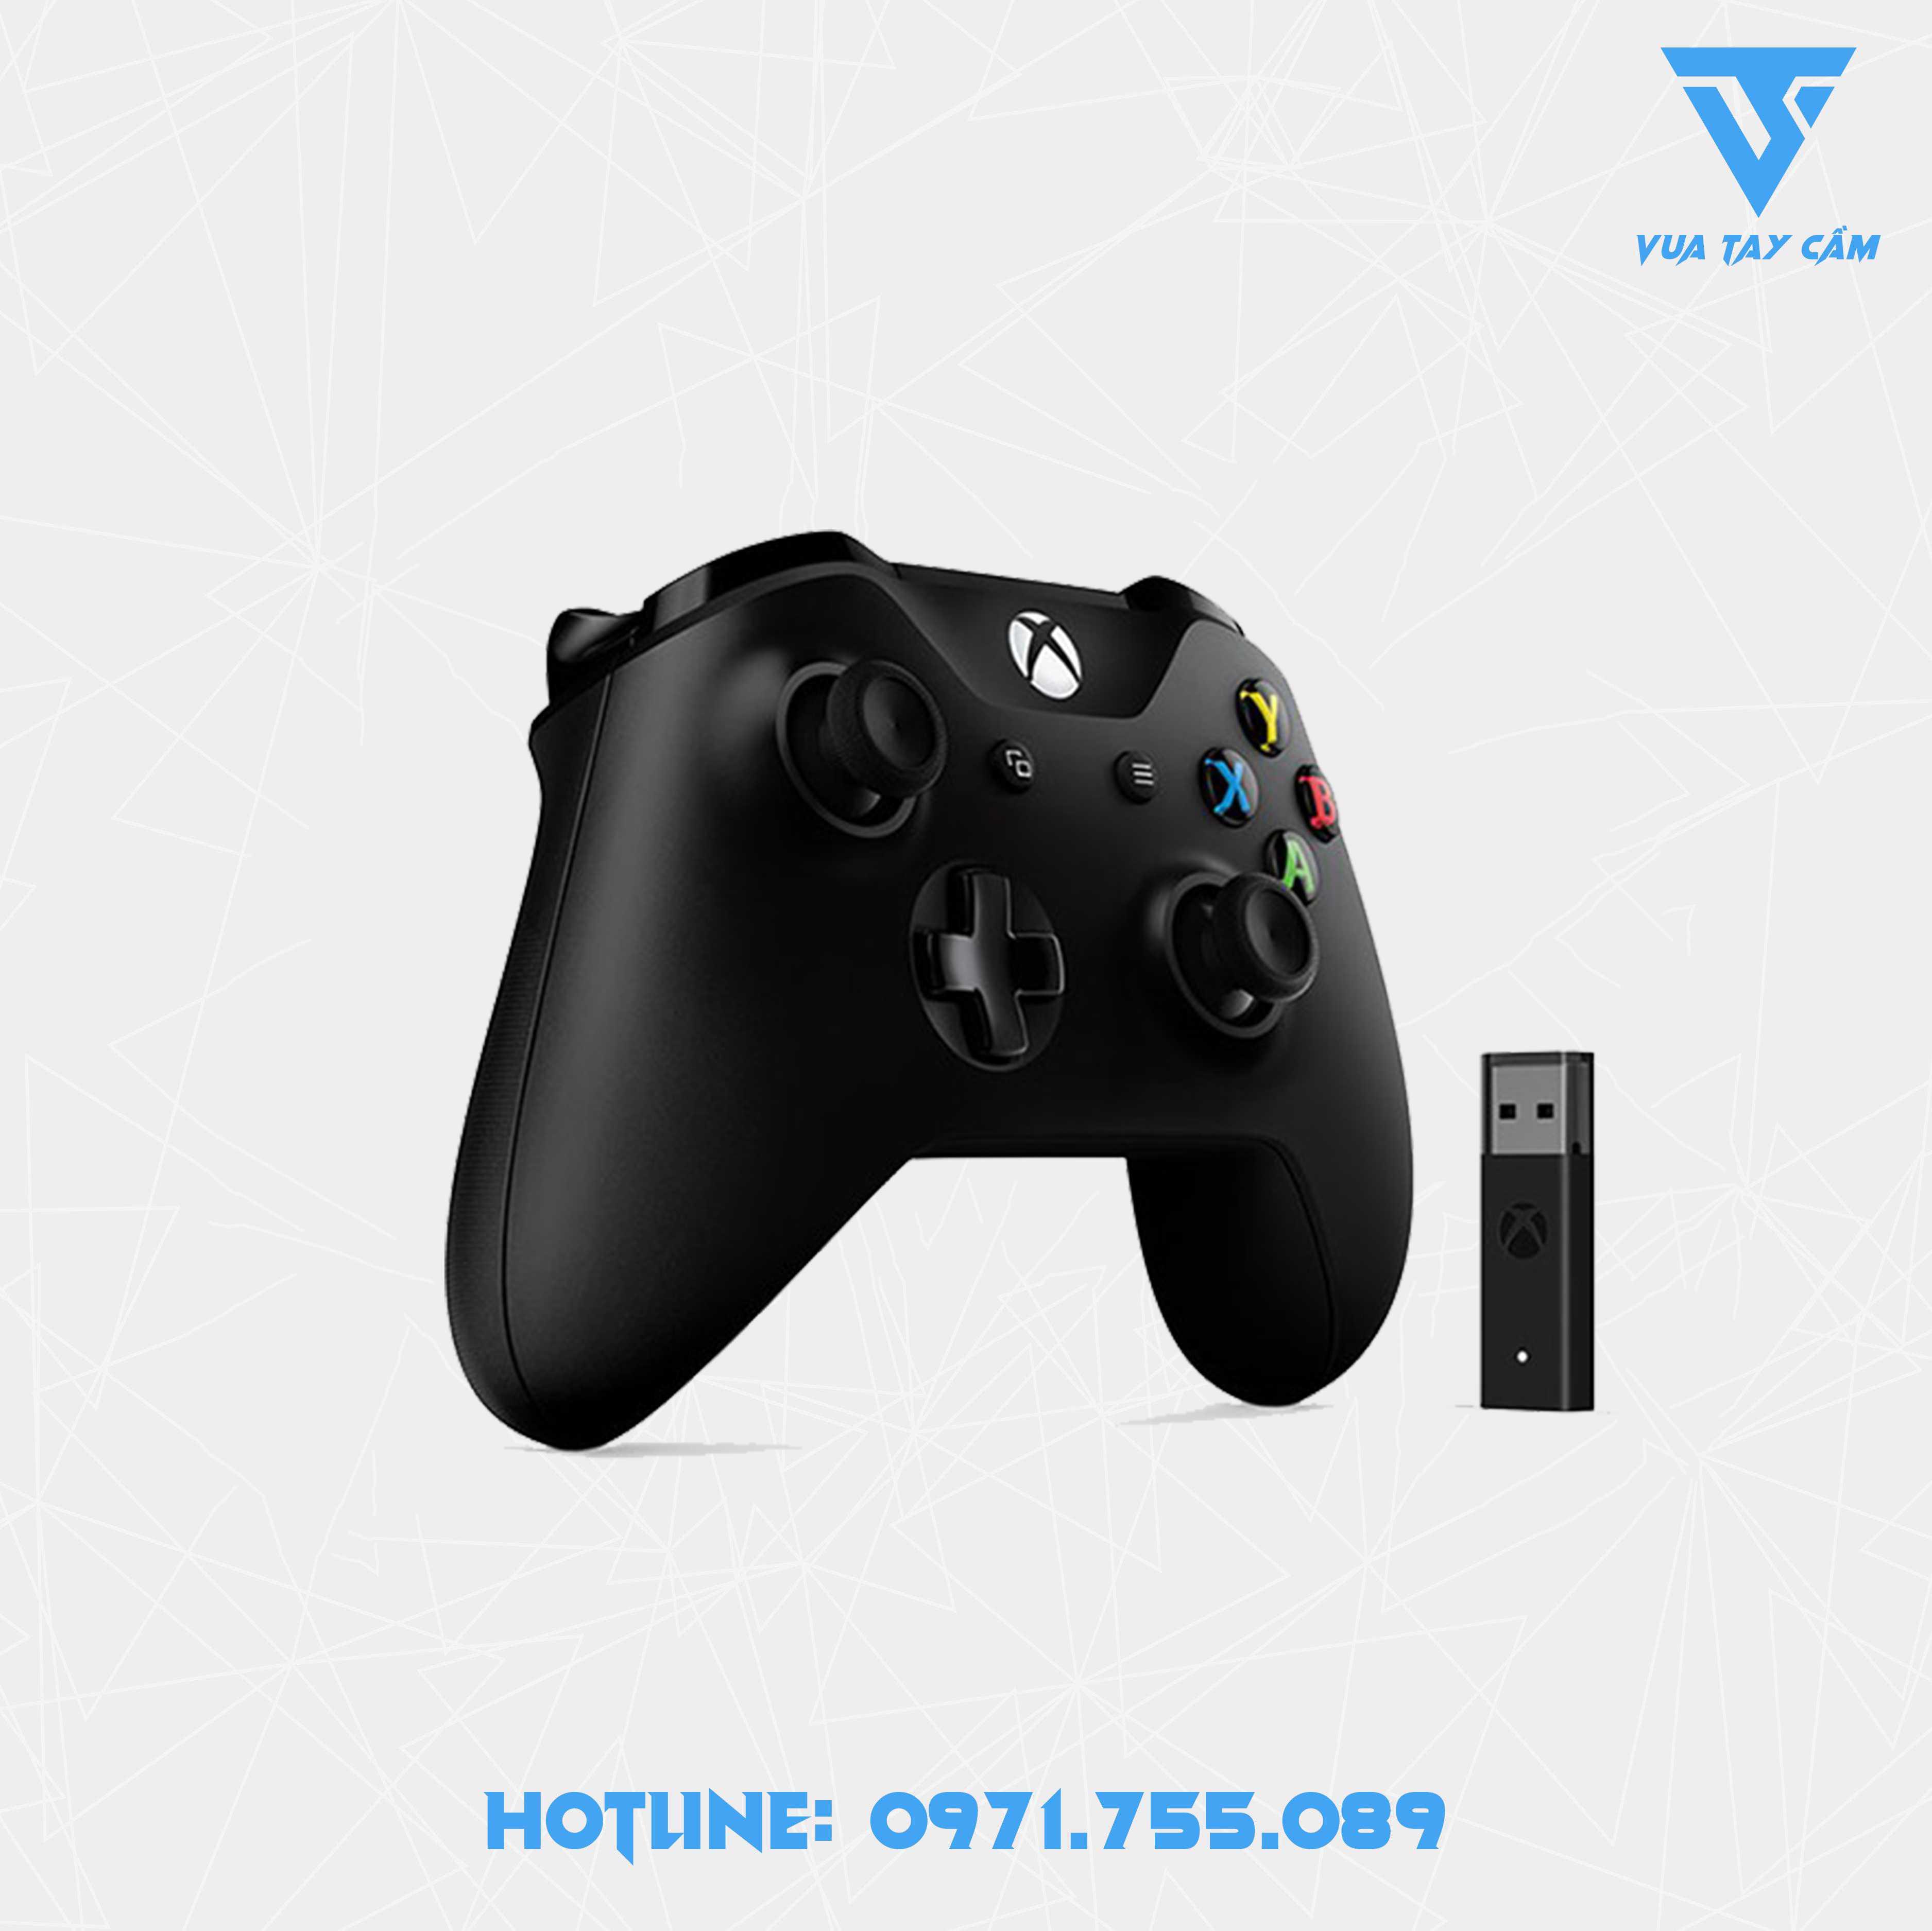 https://api.vuataycam.com/file/1603307108430-857493421-one-s-receiver-vtc-compressed.jpg